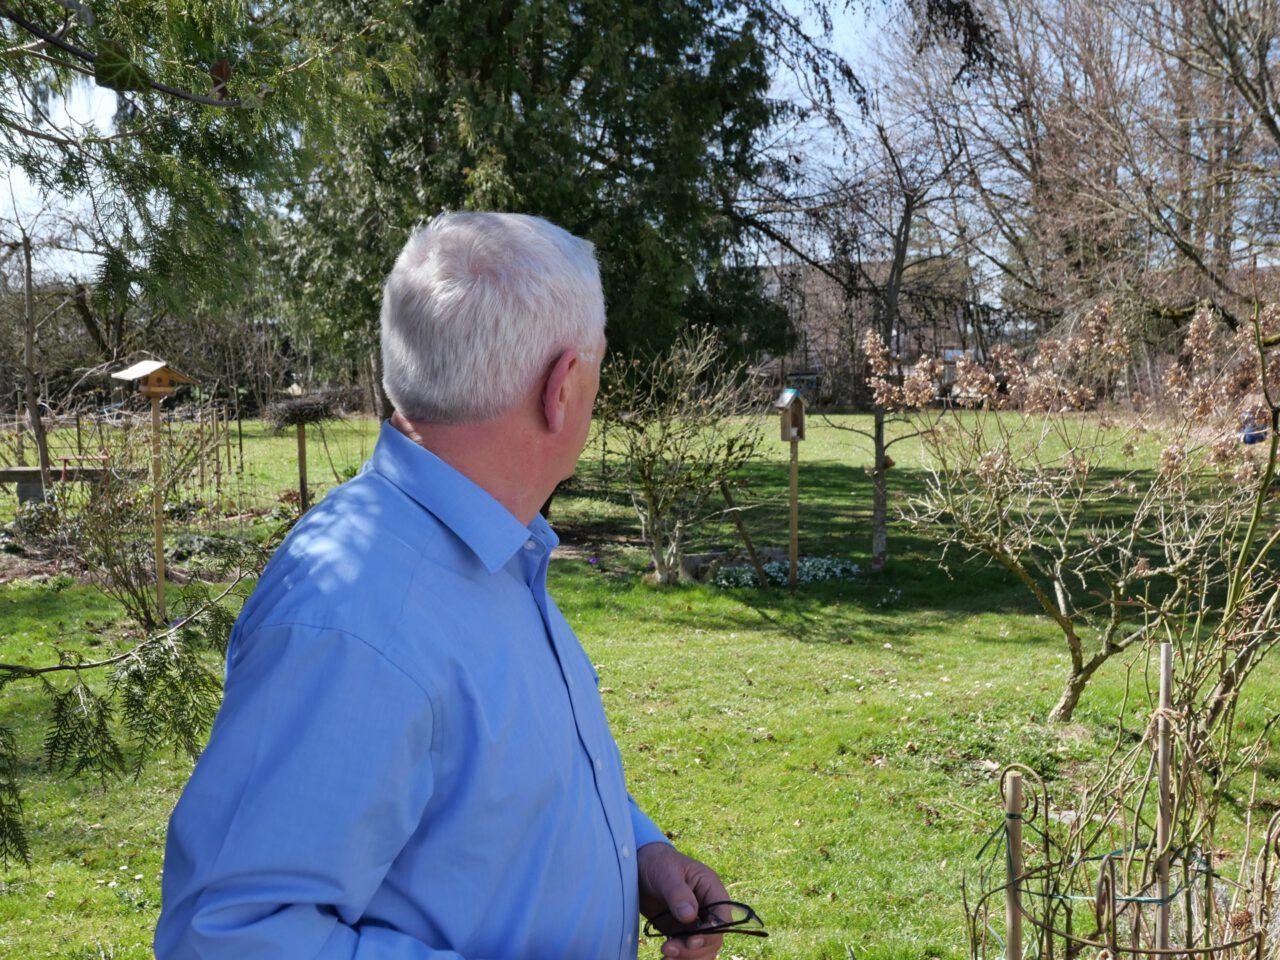 """Rettungsdichter Arnold Stadler schaut lieber in Gärten und in den Himmel als in Kameras, ist zu hören in der halbstündigen Sendung """"Dass es weitergeht mit der Welt"""" im BR von Georg Magirius"""